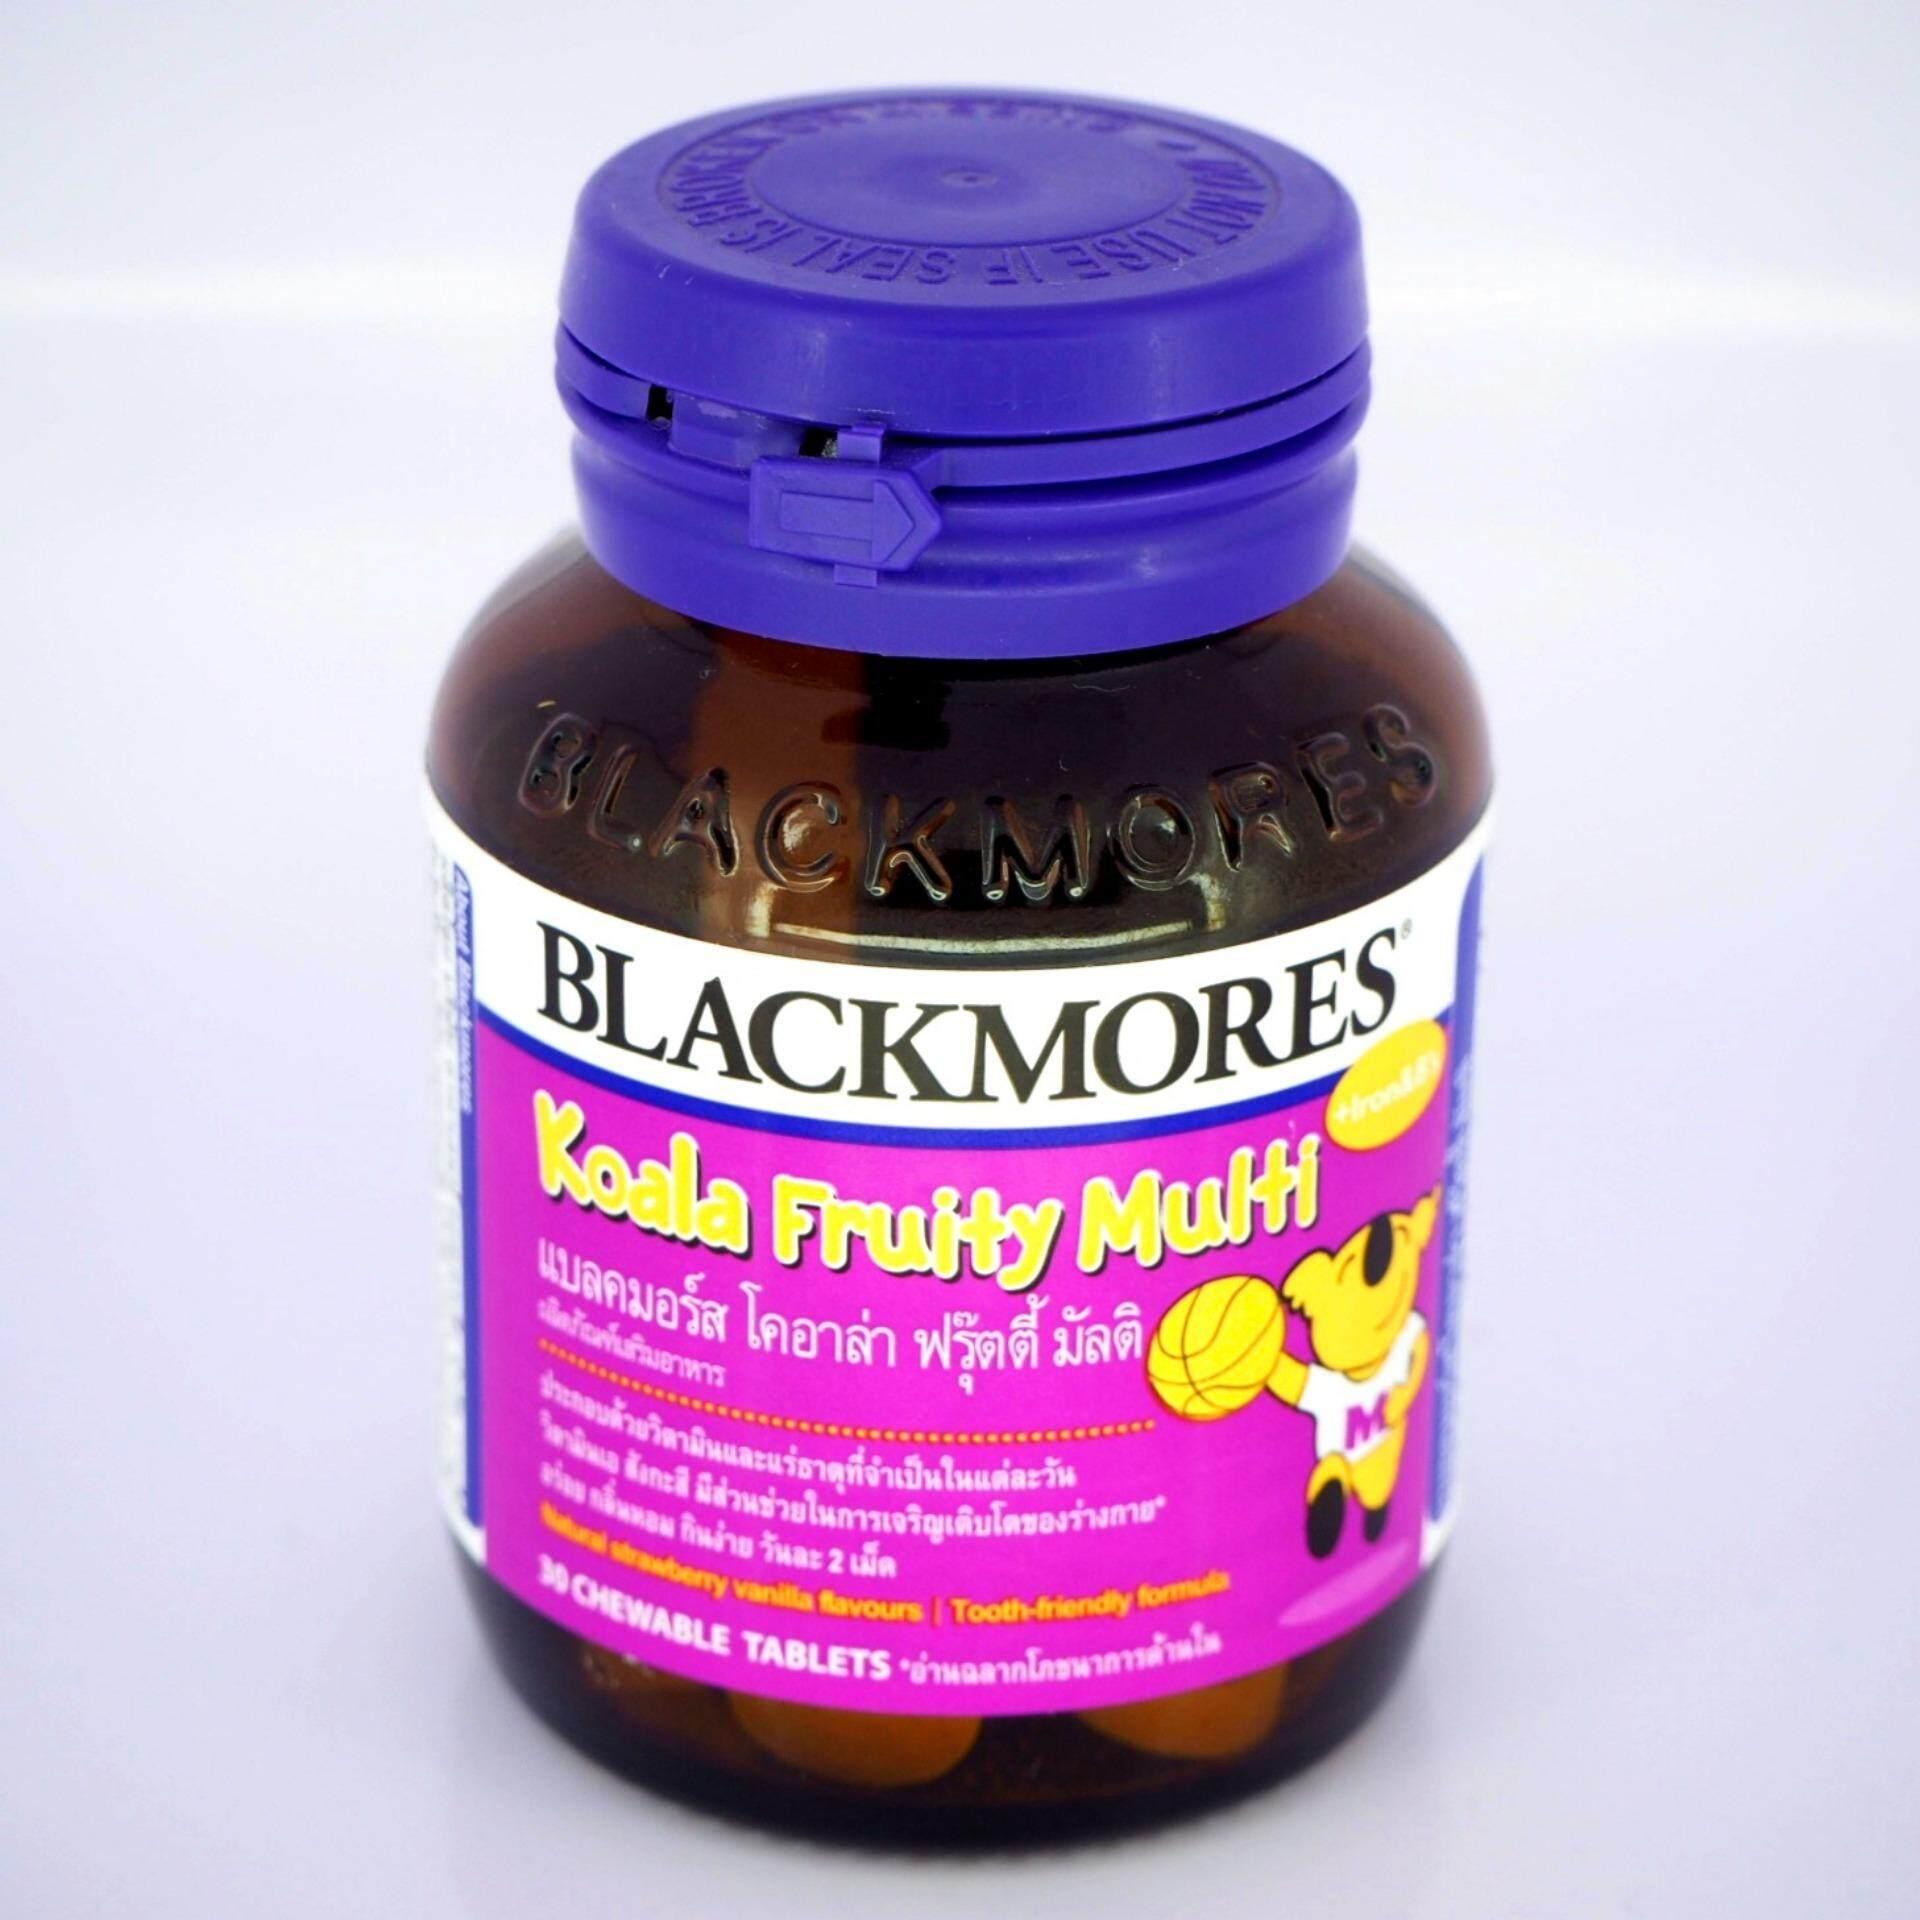 สอนใช้งาน  หนองคาย Blackmores Koala Fruity Multi Chewable Tablets (30 เม็ด) แบลคมอร์ส โคอาล่า ฟรุ๊ตตี้ มัลติ (30 เม็ด)